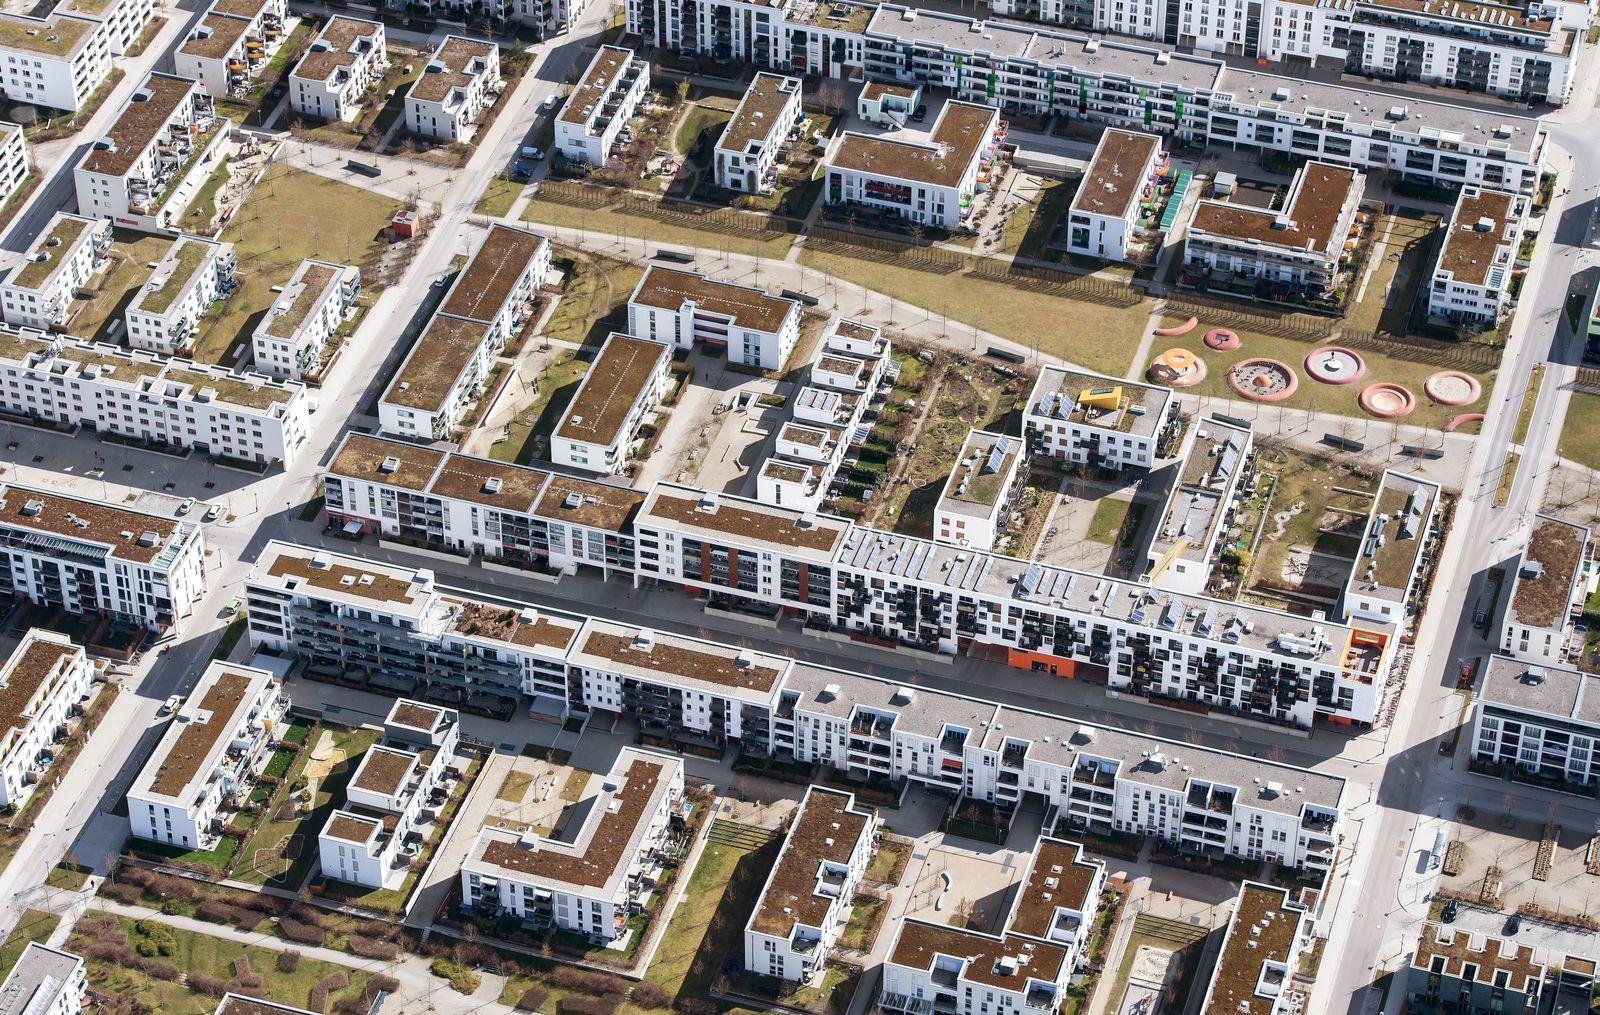 Immobilien / Wohnanlage in der Stadt / München